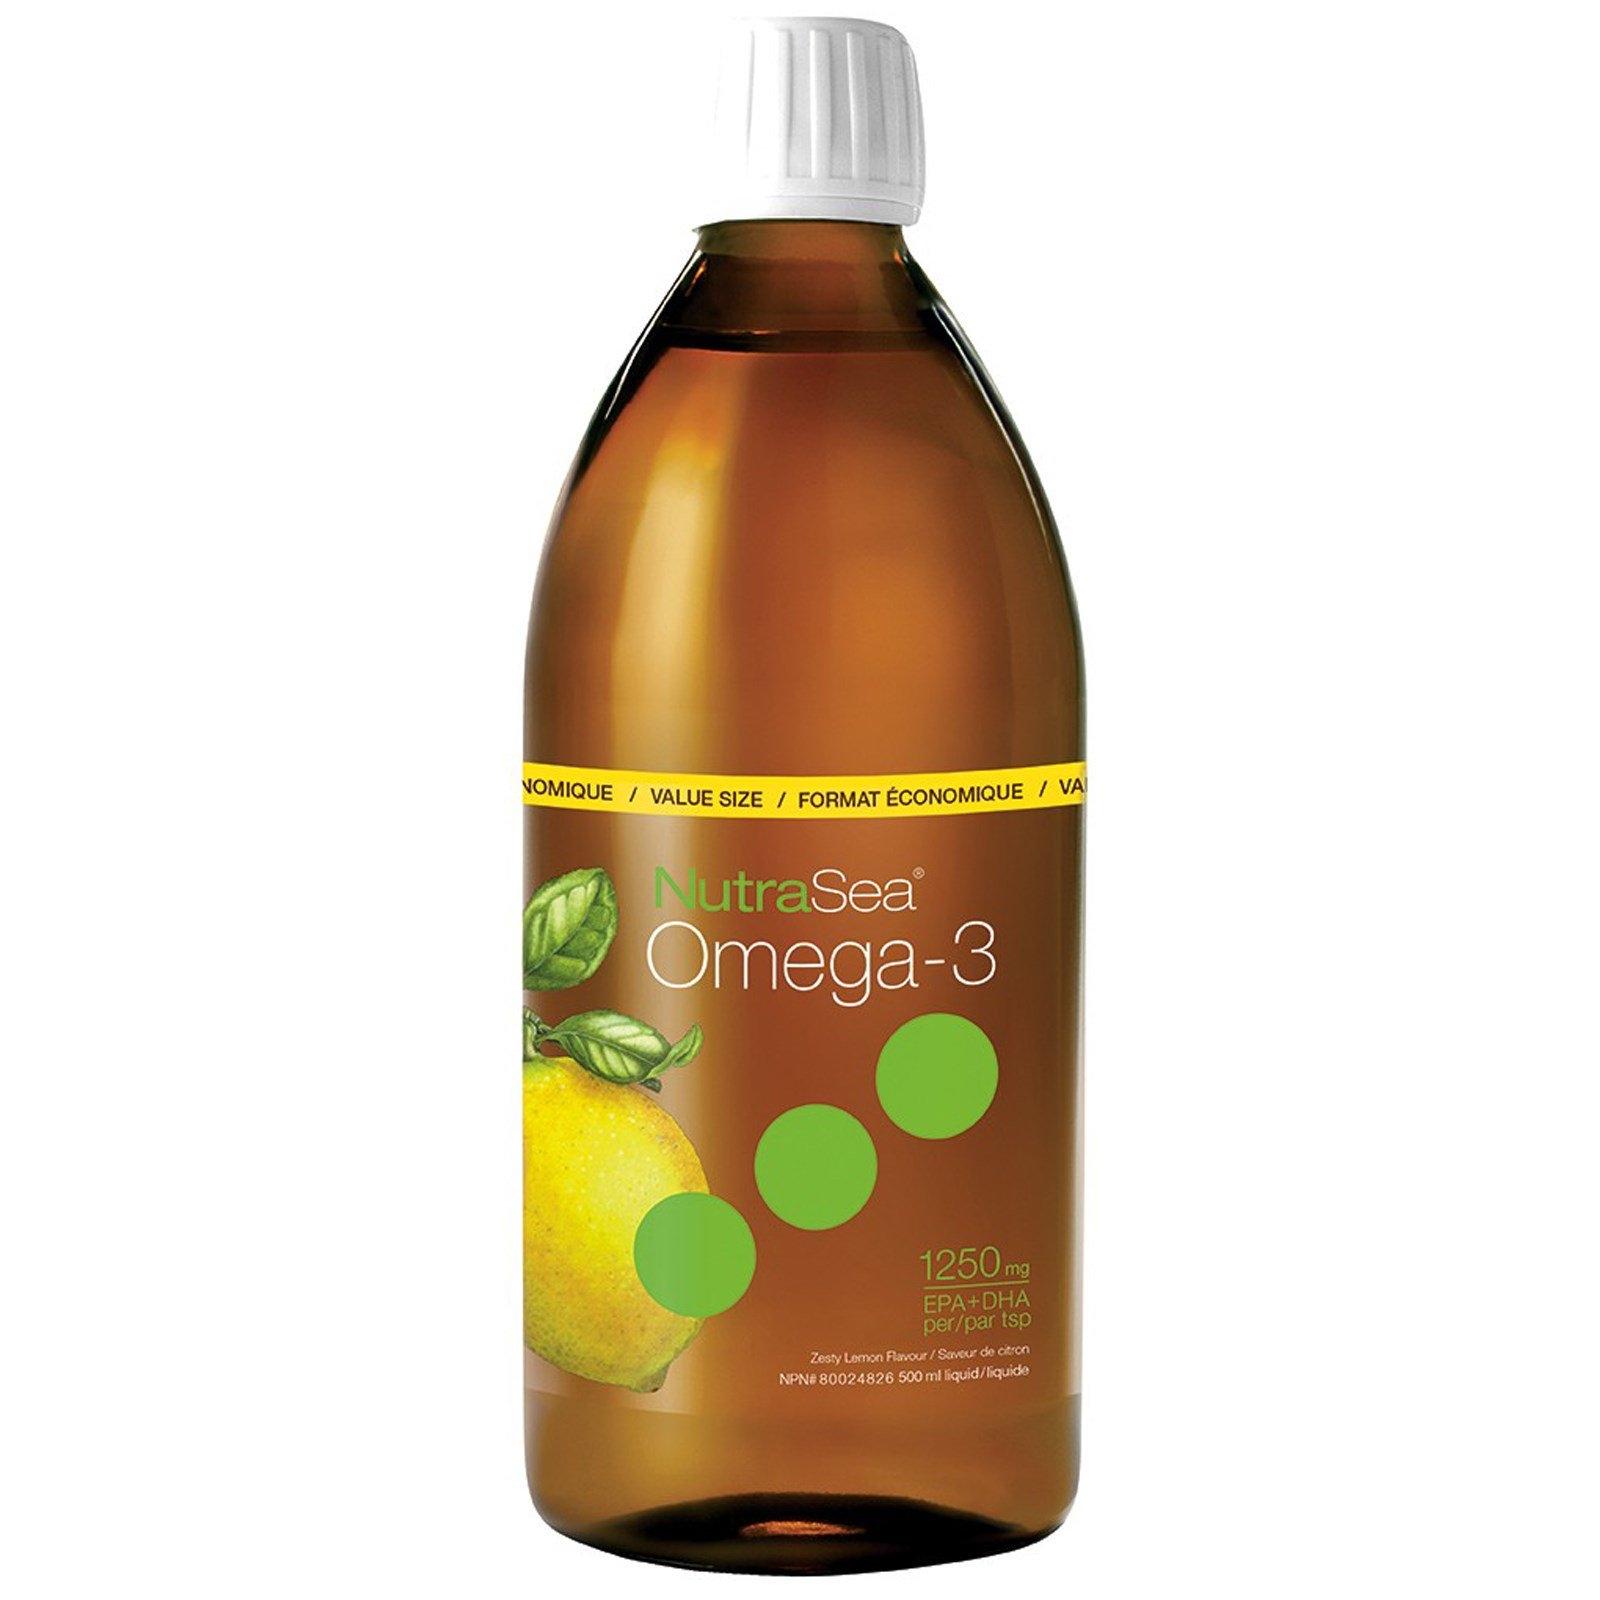 Ascenta NutraSea omega-3